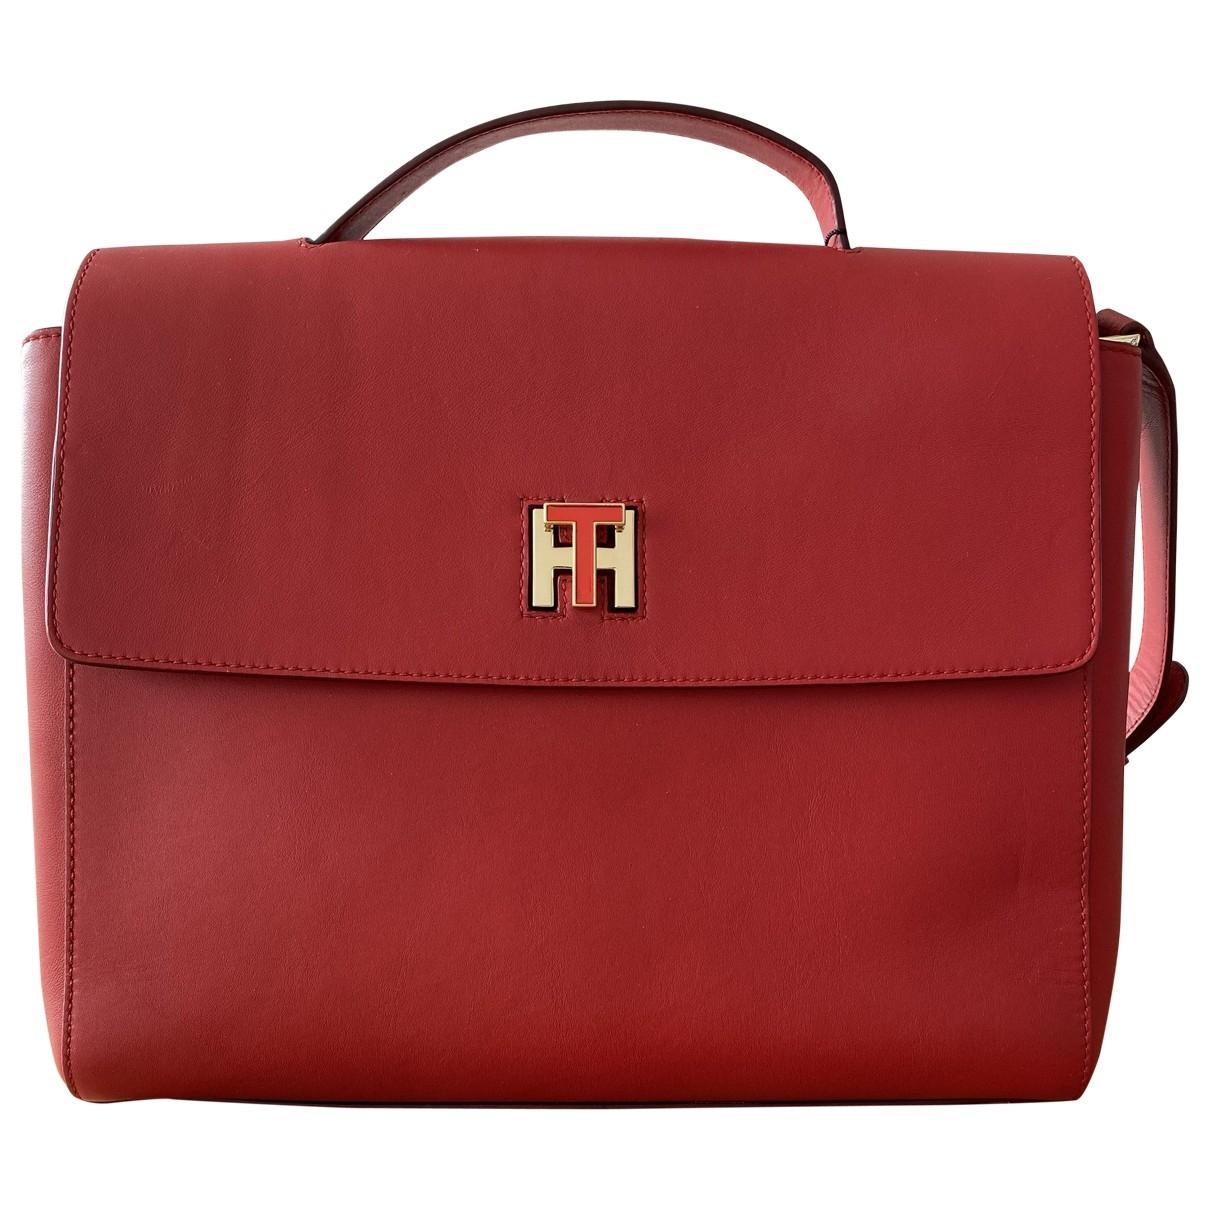 Tommy Hilfiger \N Red Leather handbag for Women \N